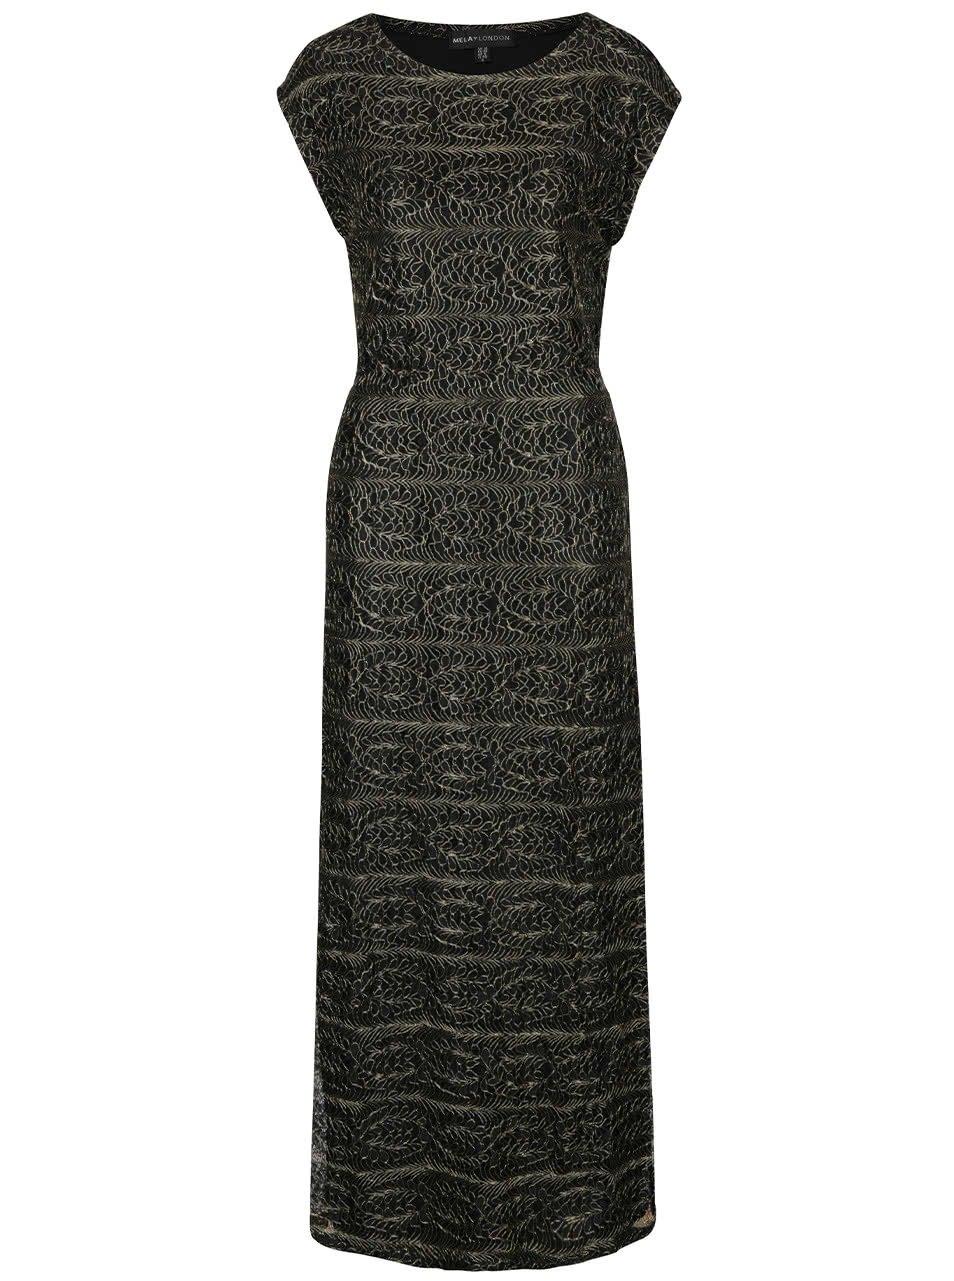 Černé dlouhé šaty se vzory ve zlaté barvě Mela London